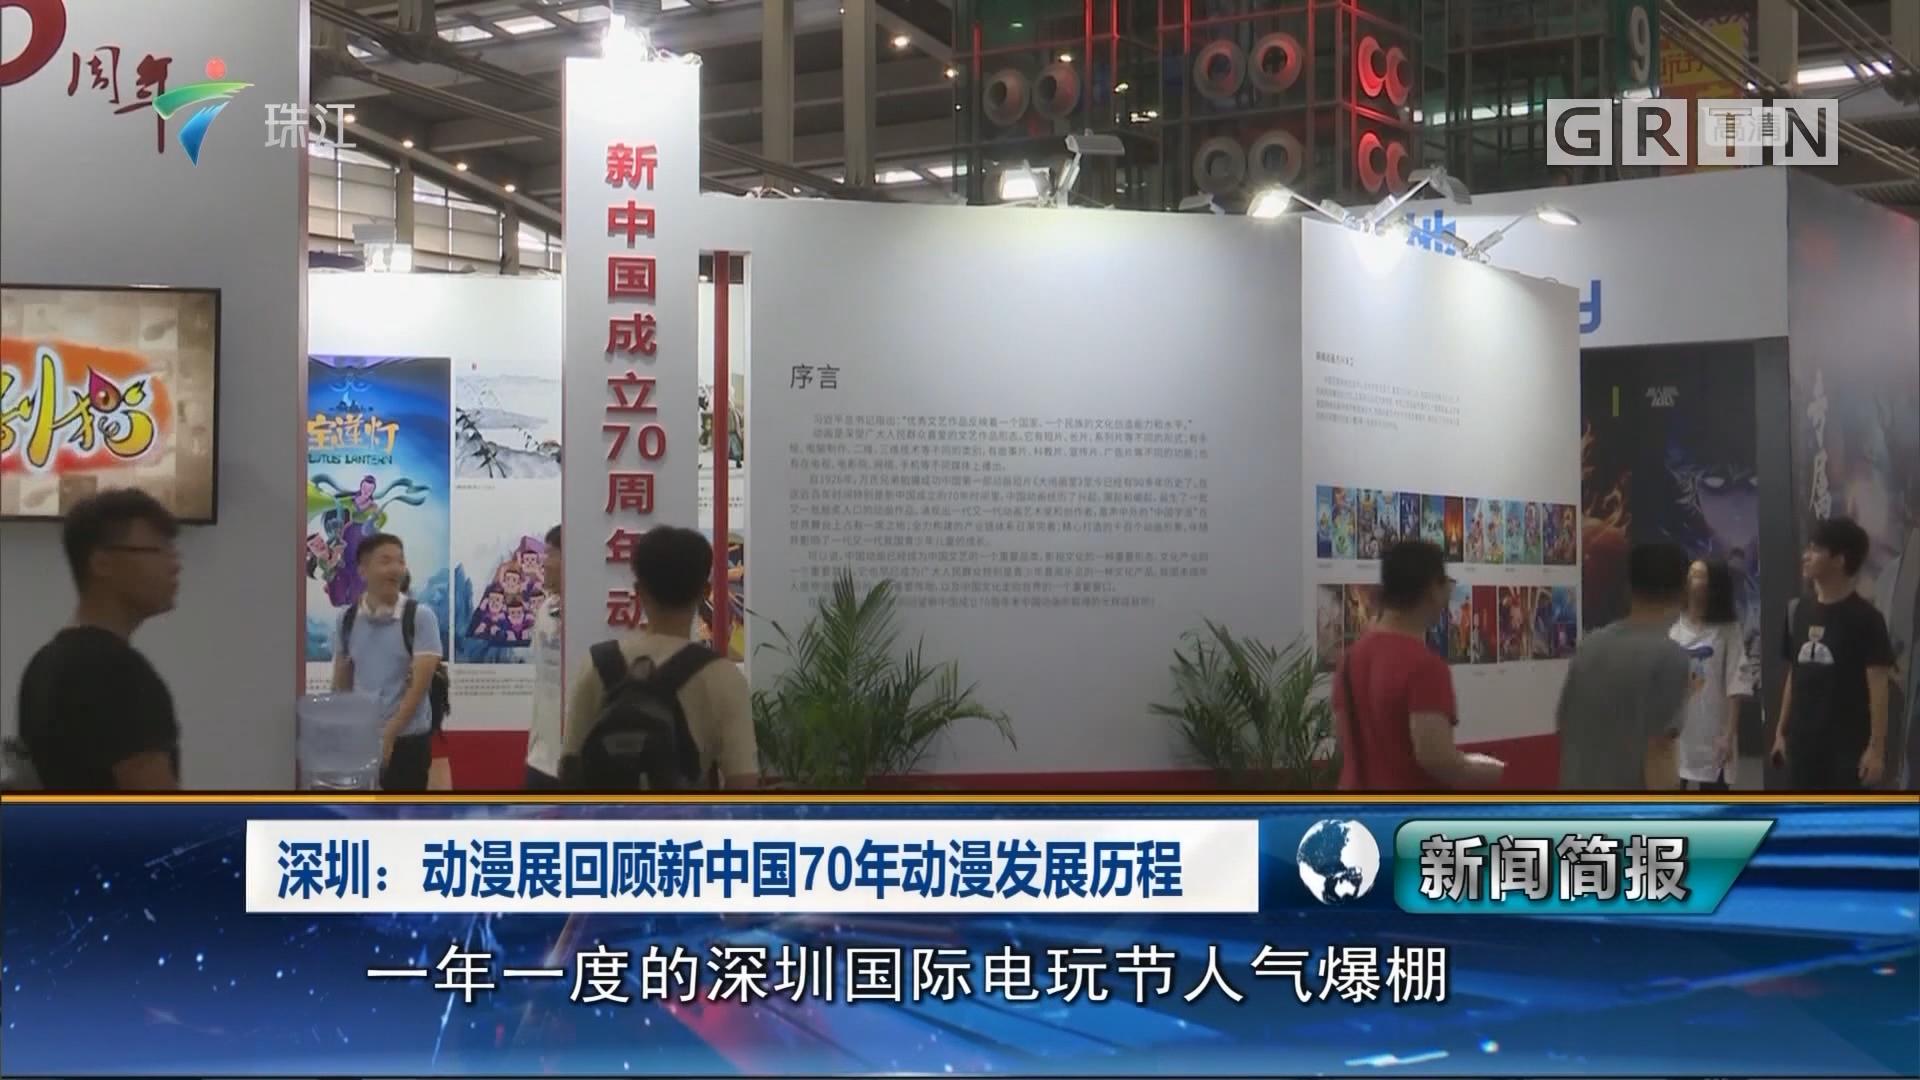 深圳:動漫展回顧新中國70年動漫發展歷程